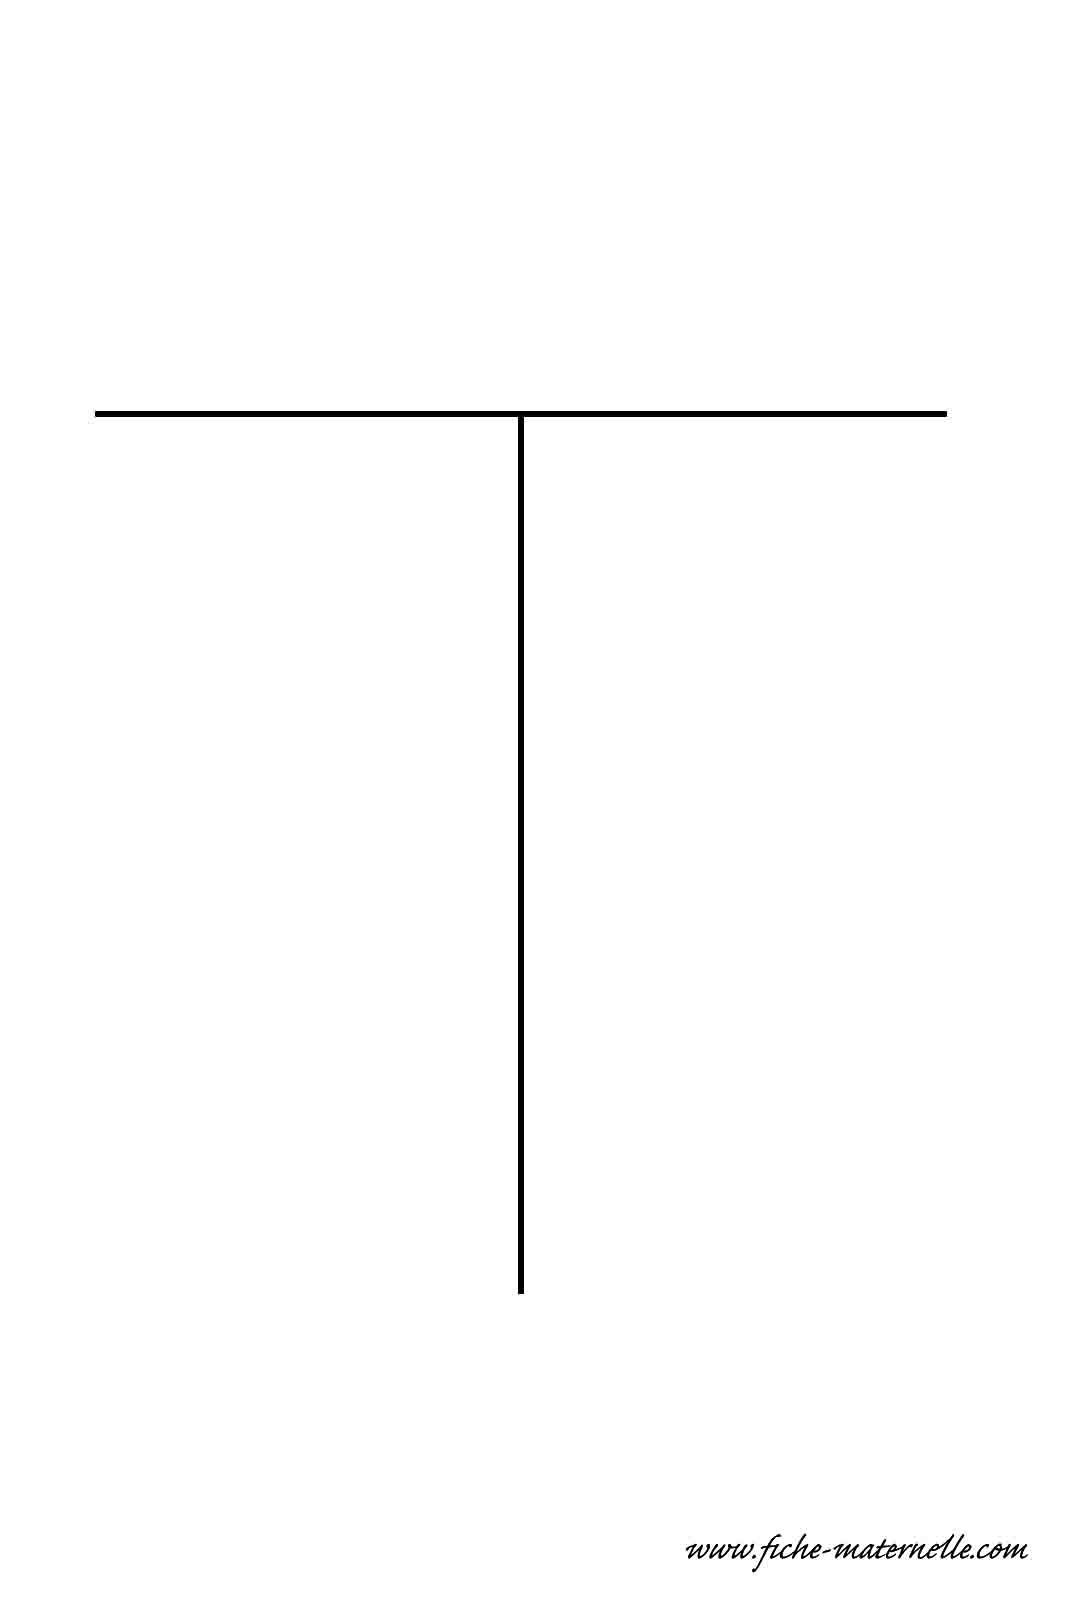 Lettre de l 39 alphabet d corer la lettre capitale t fil de fer - Lettres de l alphabet a decorer ...